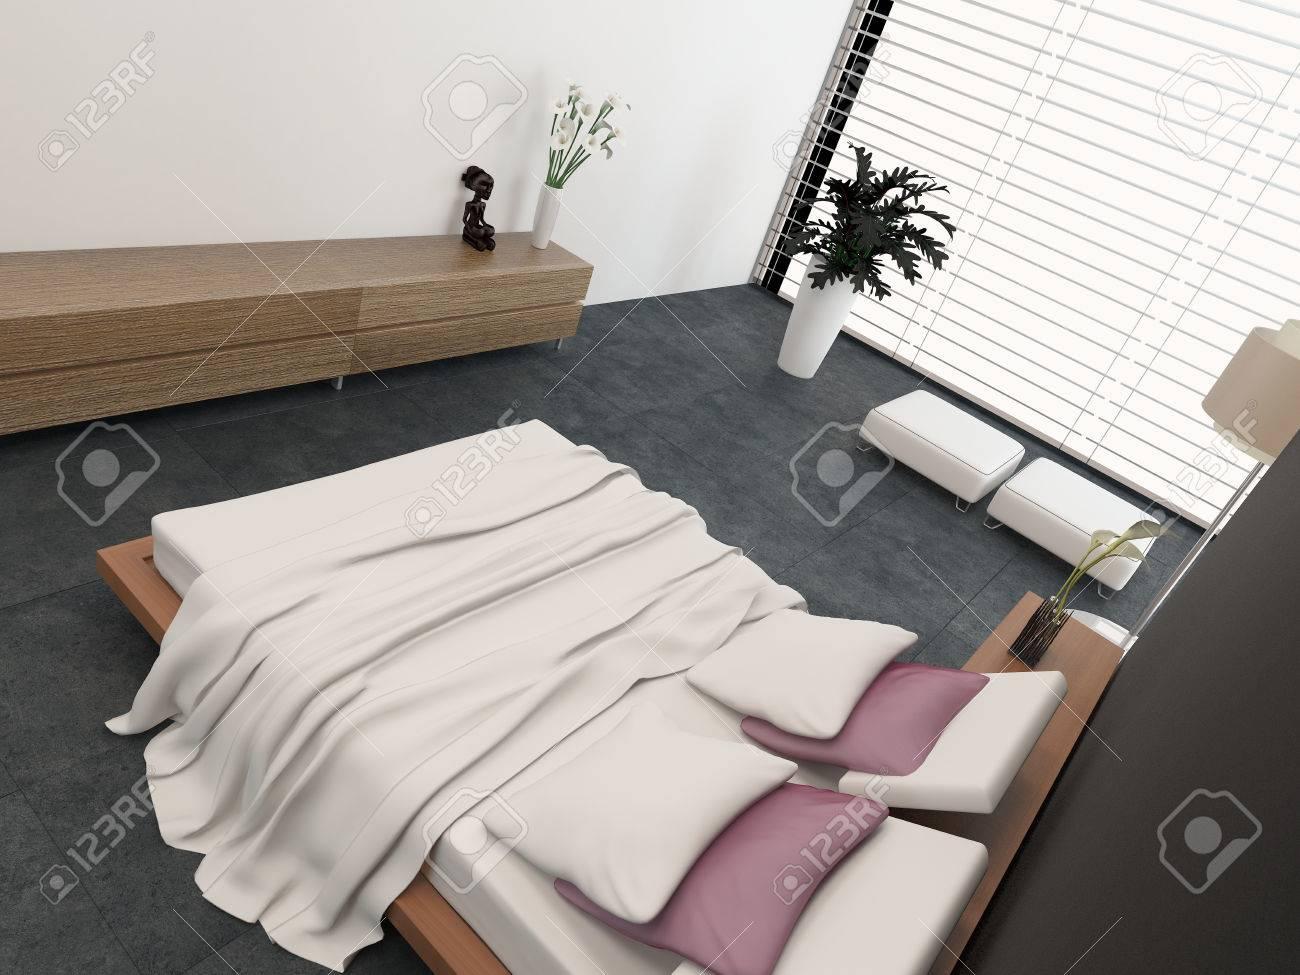 high angle de vue d un lit orthopedique ajustable dans un interieur moderne de chambre a coucher avec un grand mur de verre recouverte de stores et des